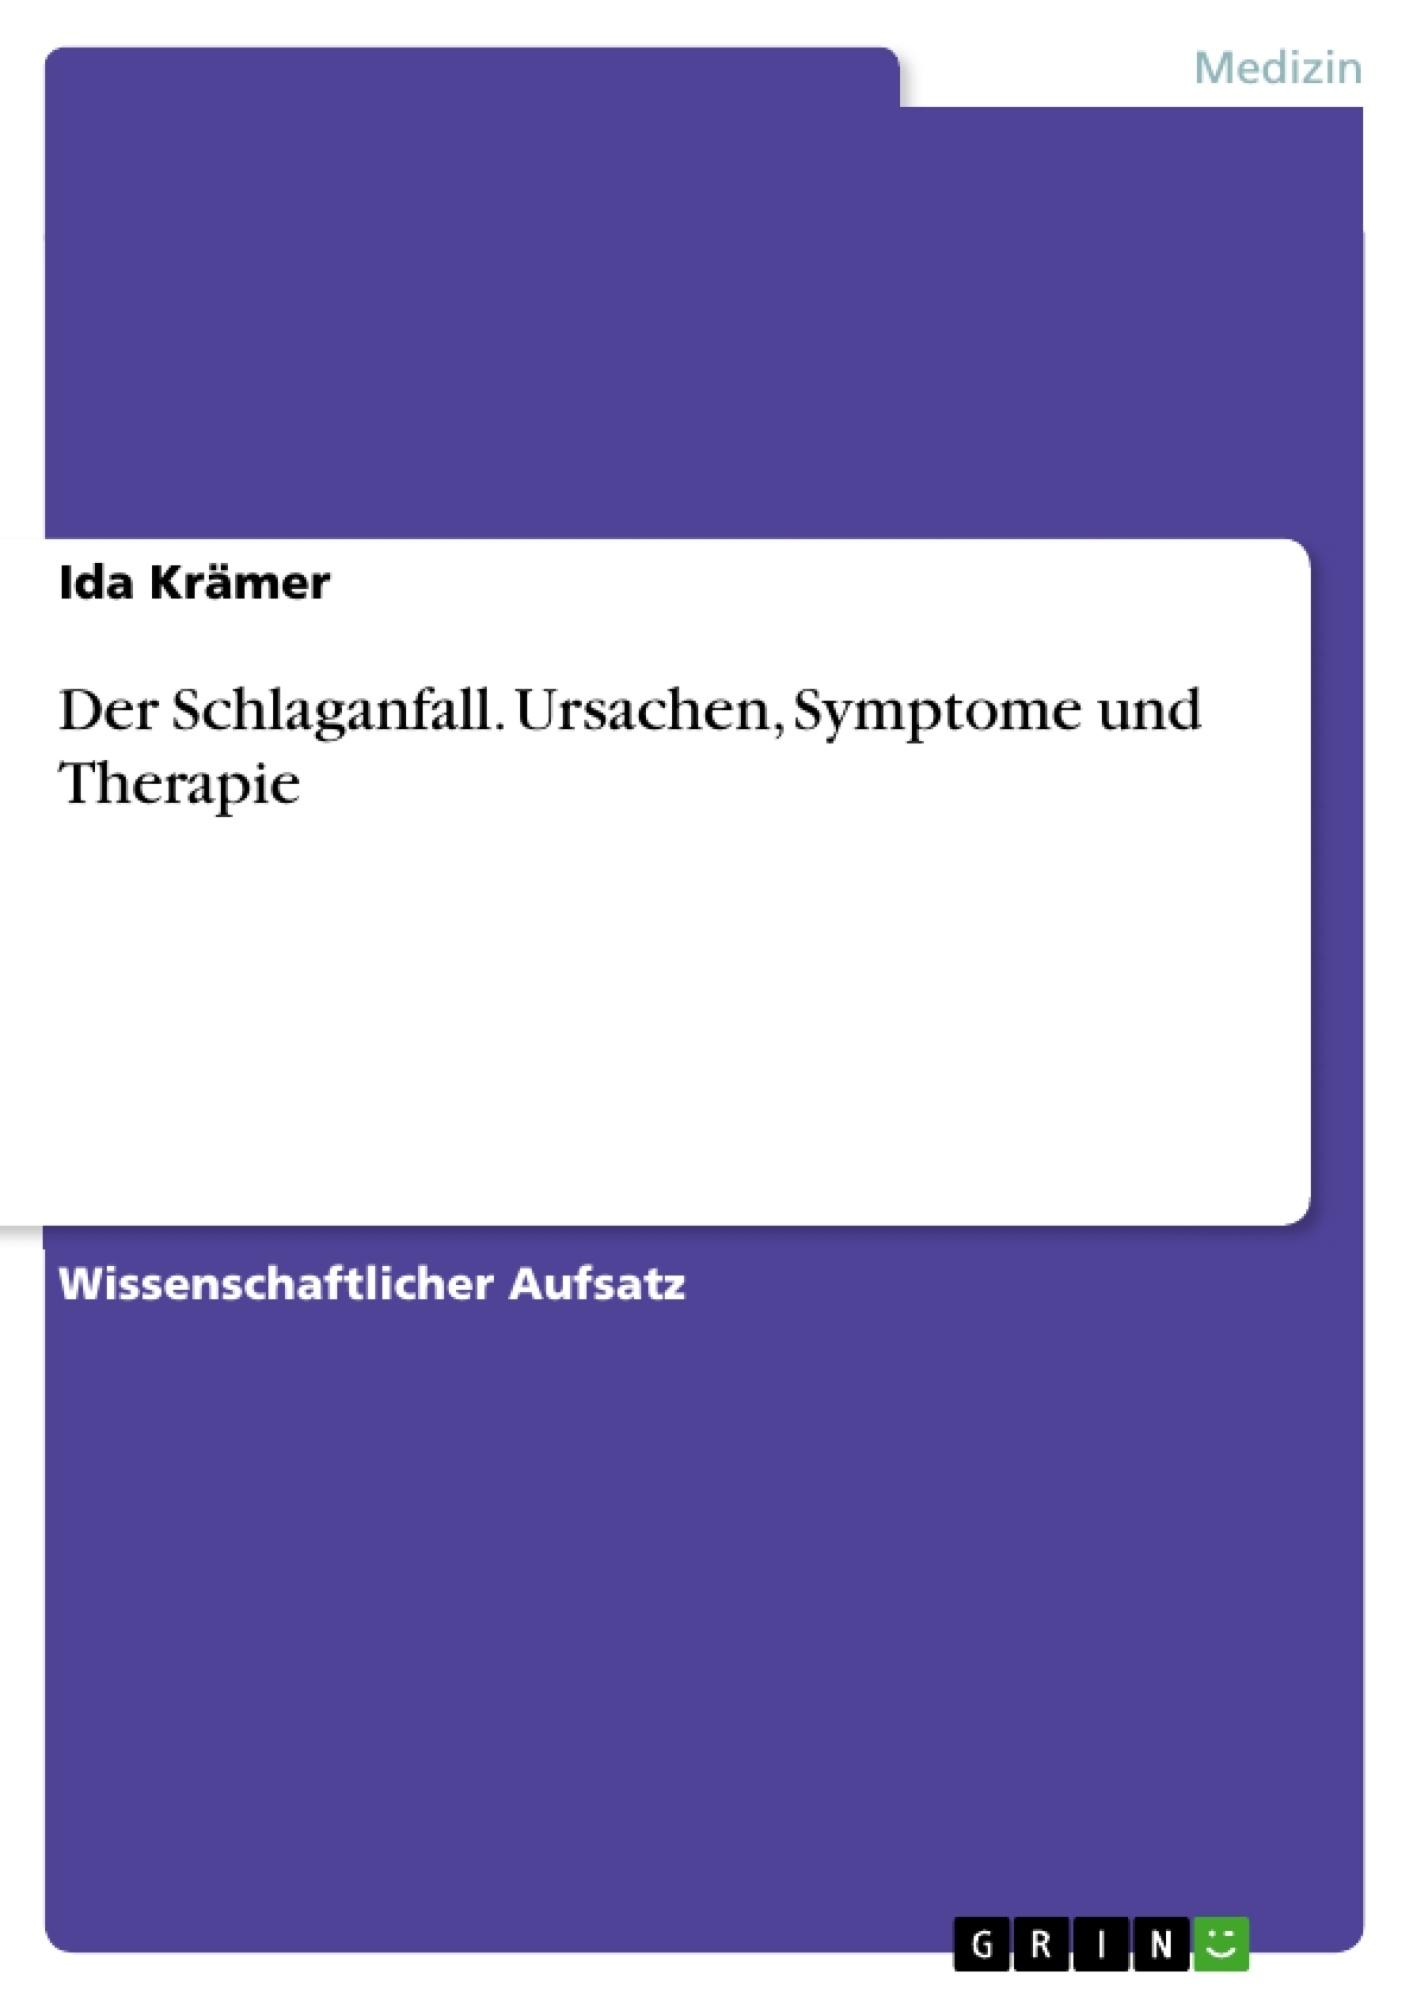 Titel: Der Schlaganfall. Ursachen, Symptome und Therapie